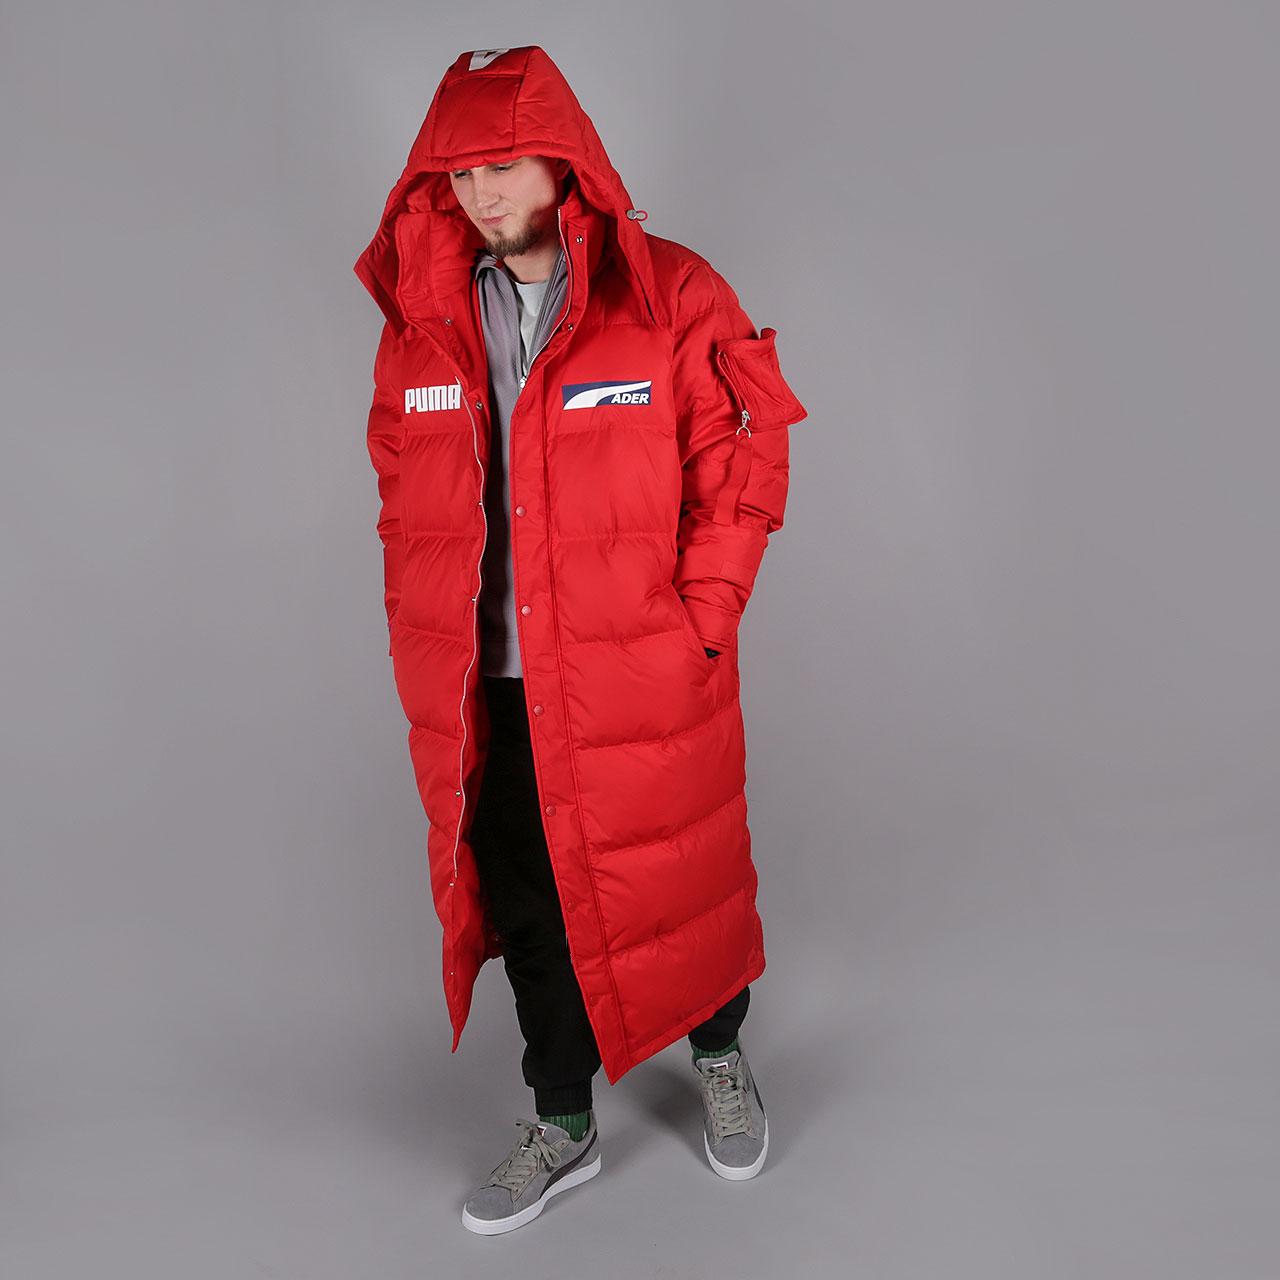 Купить мужские куртки, пуховики Puma (Пума) по цене от 6790 рублей в ... 9d33a78f11d